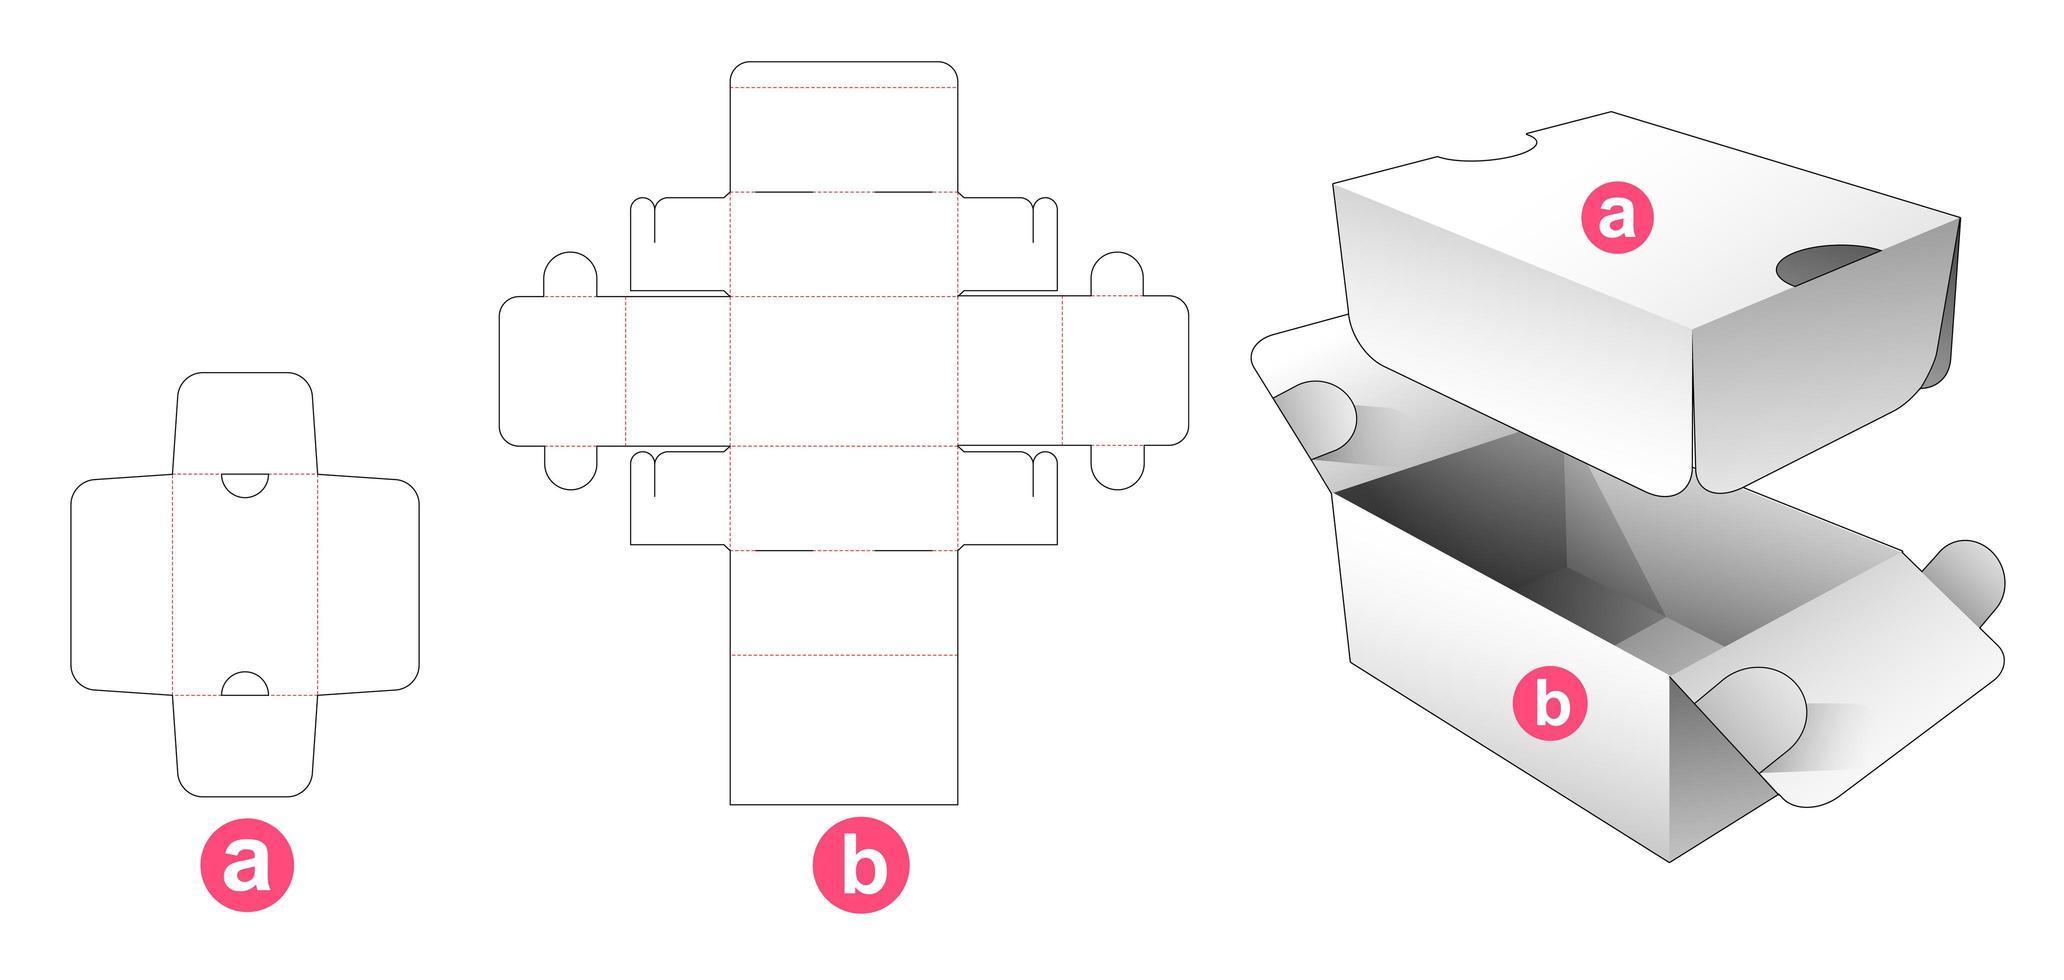 2 Flip Verpackungsbox mit Schild vektor